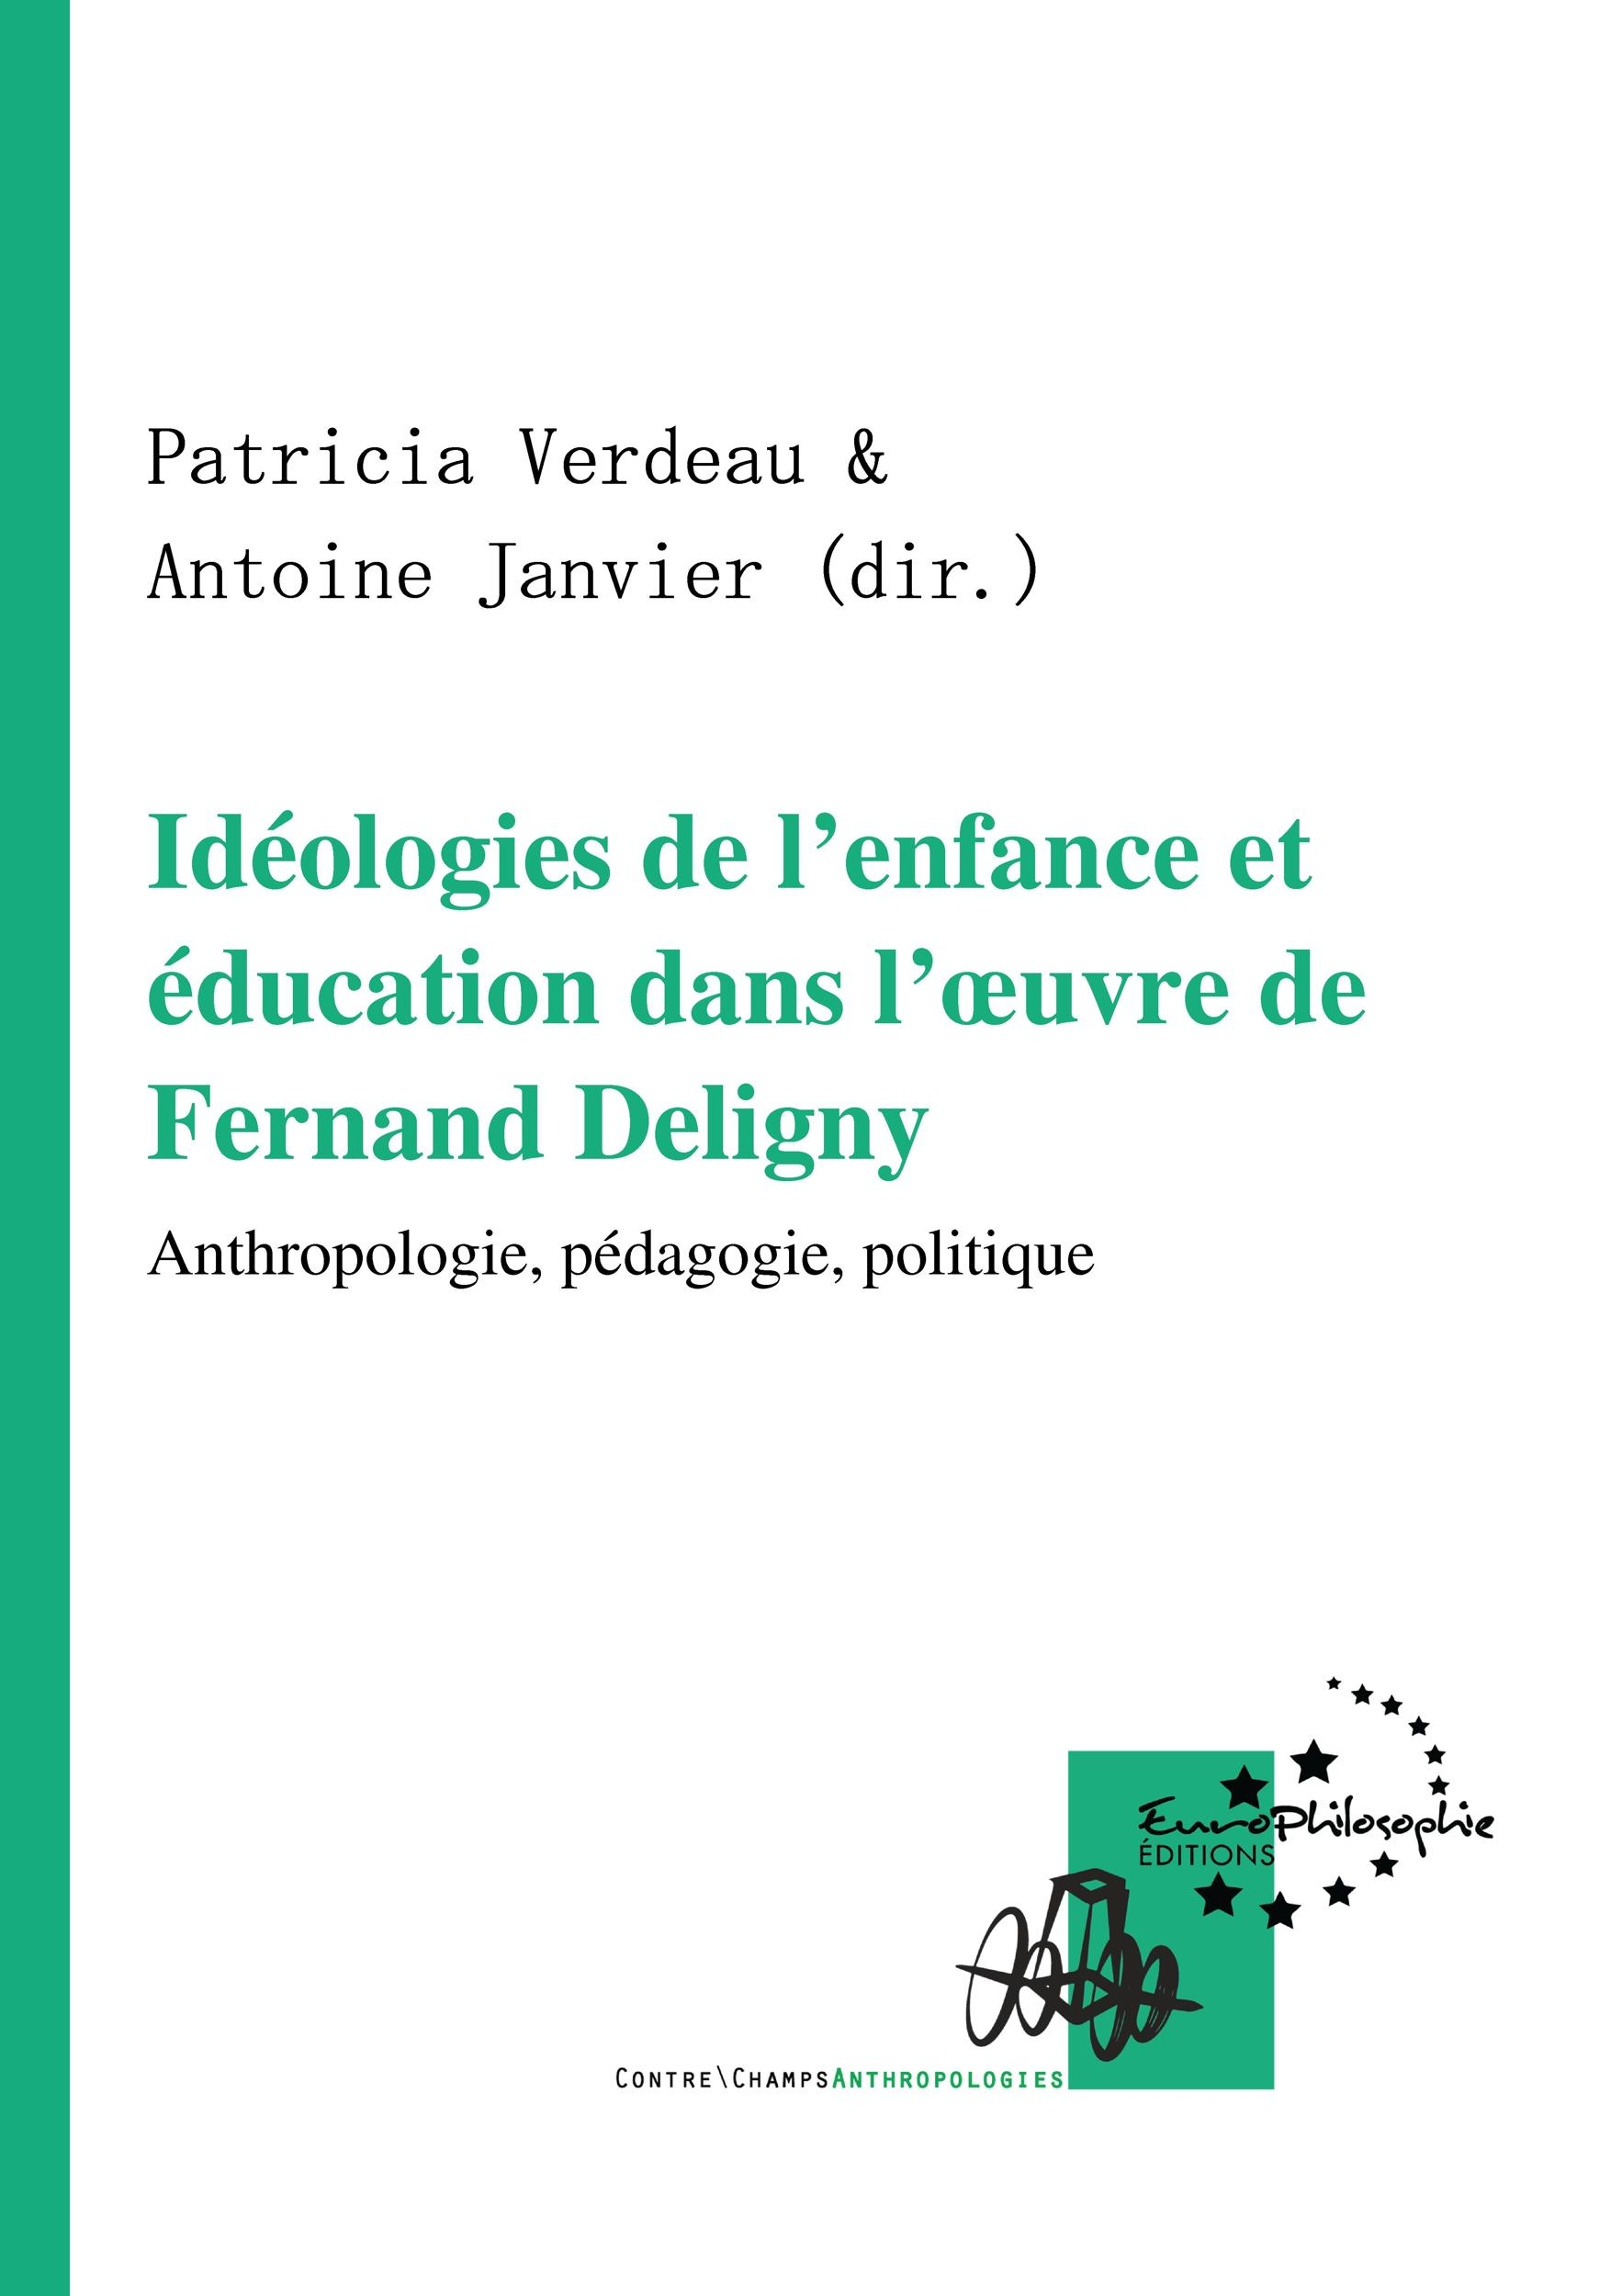 Idéologies de l'enfance et éducation dans l'oeuvre de Fernand Deligny, ANTHROPOLOGIE, PÉDAGOGIE, POLITIQUE